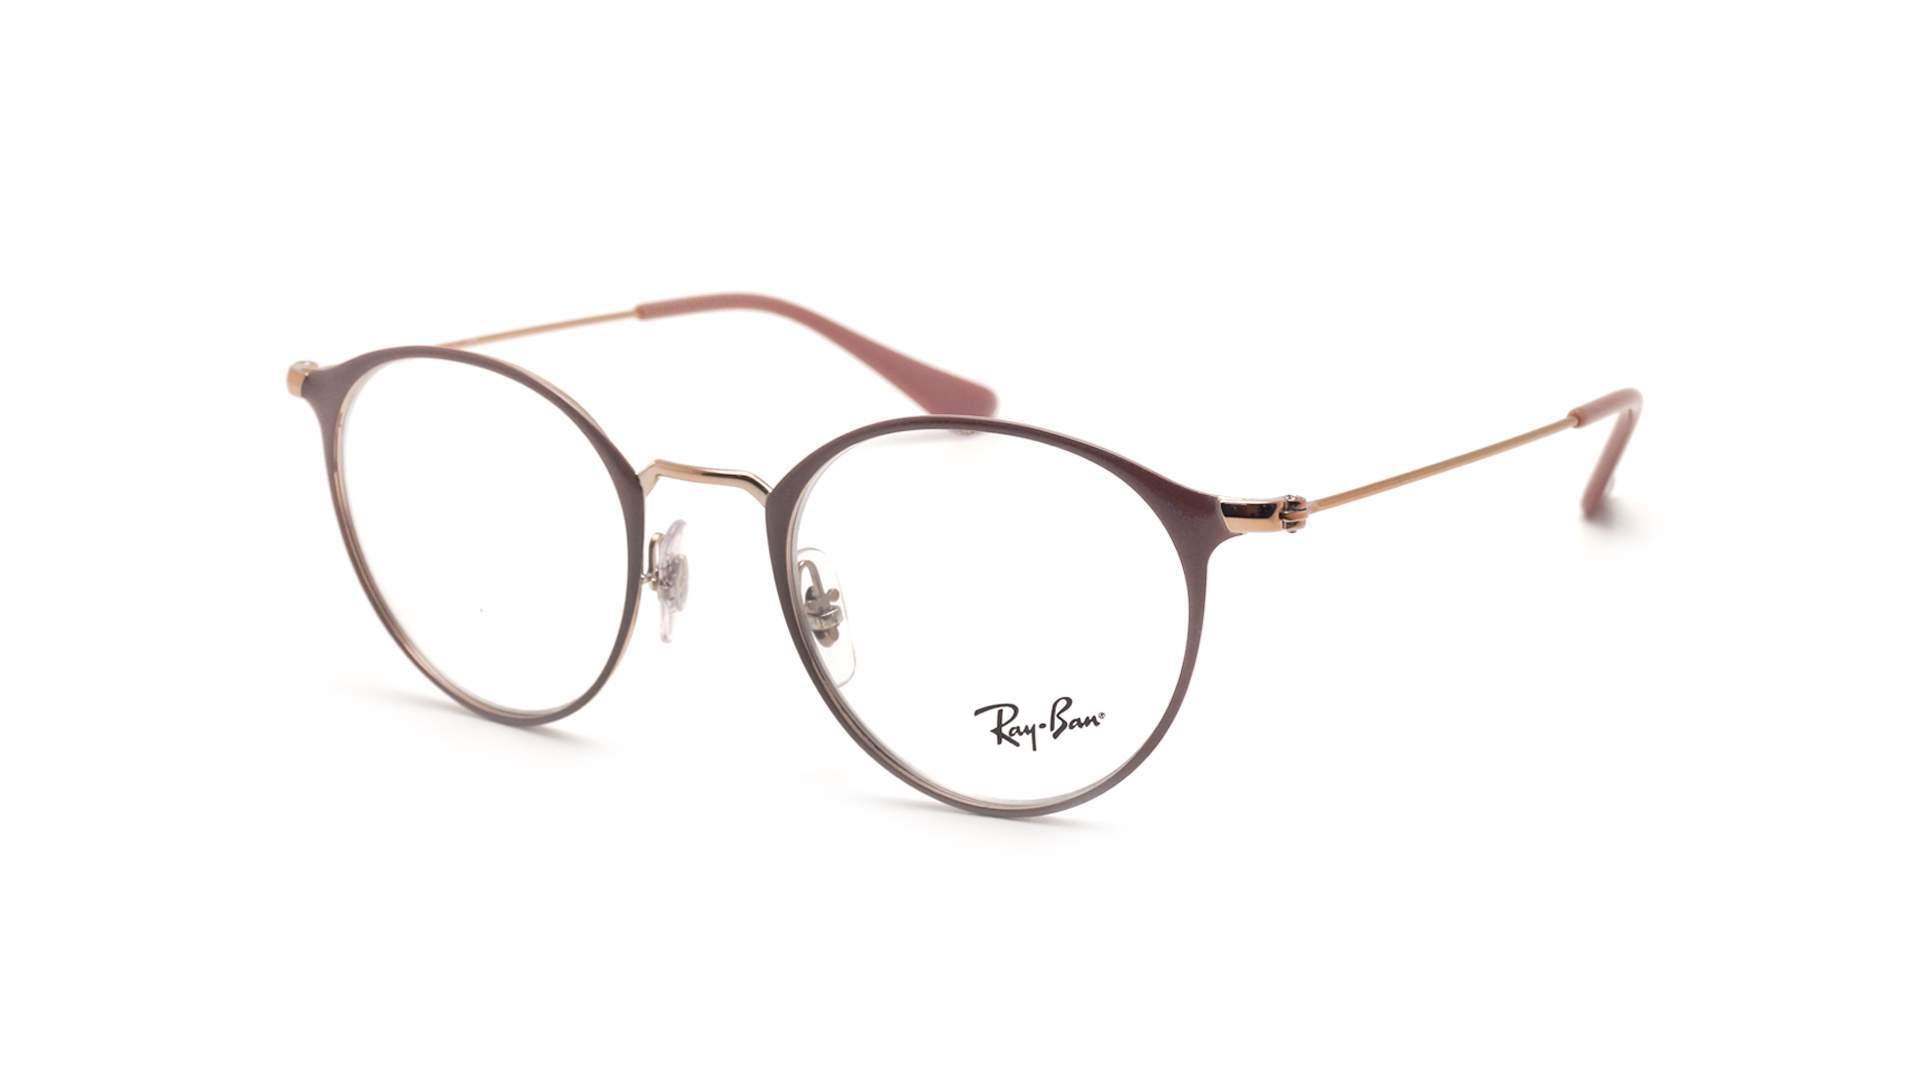 lunette de vue ray ban rose